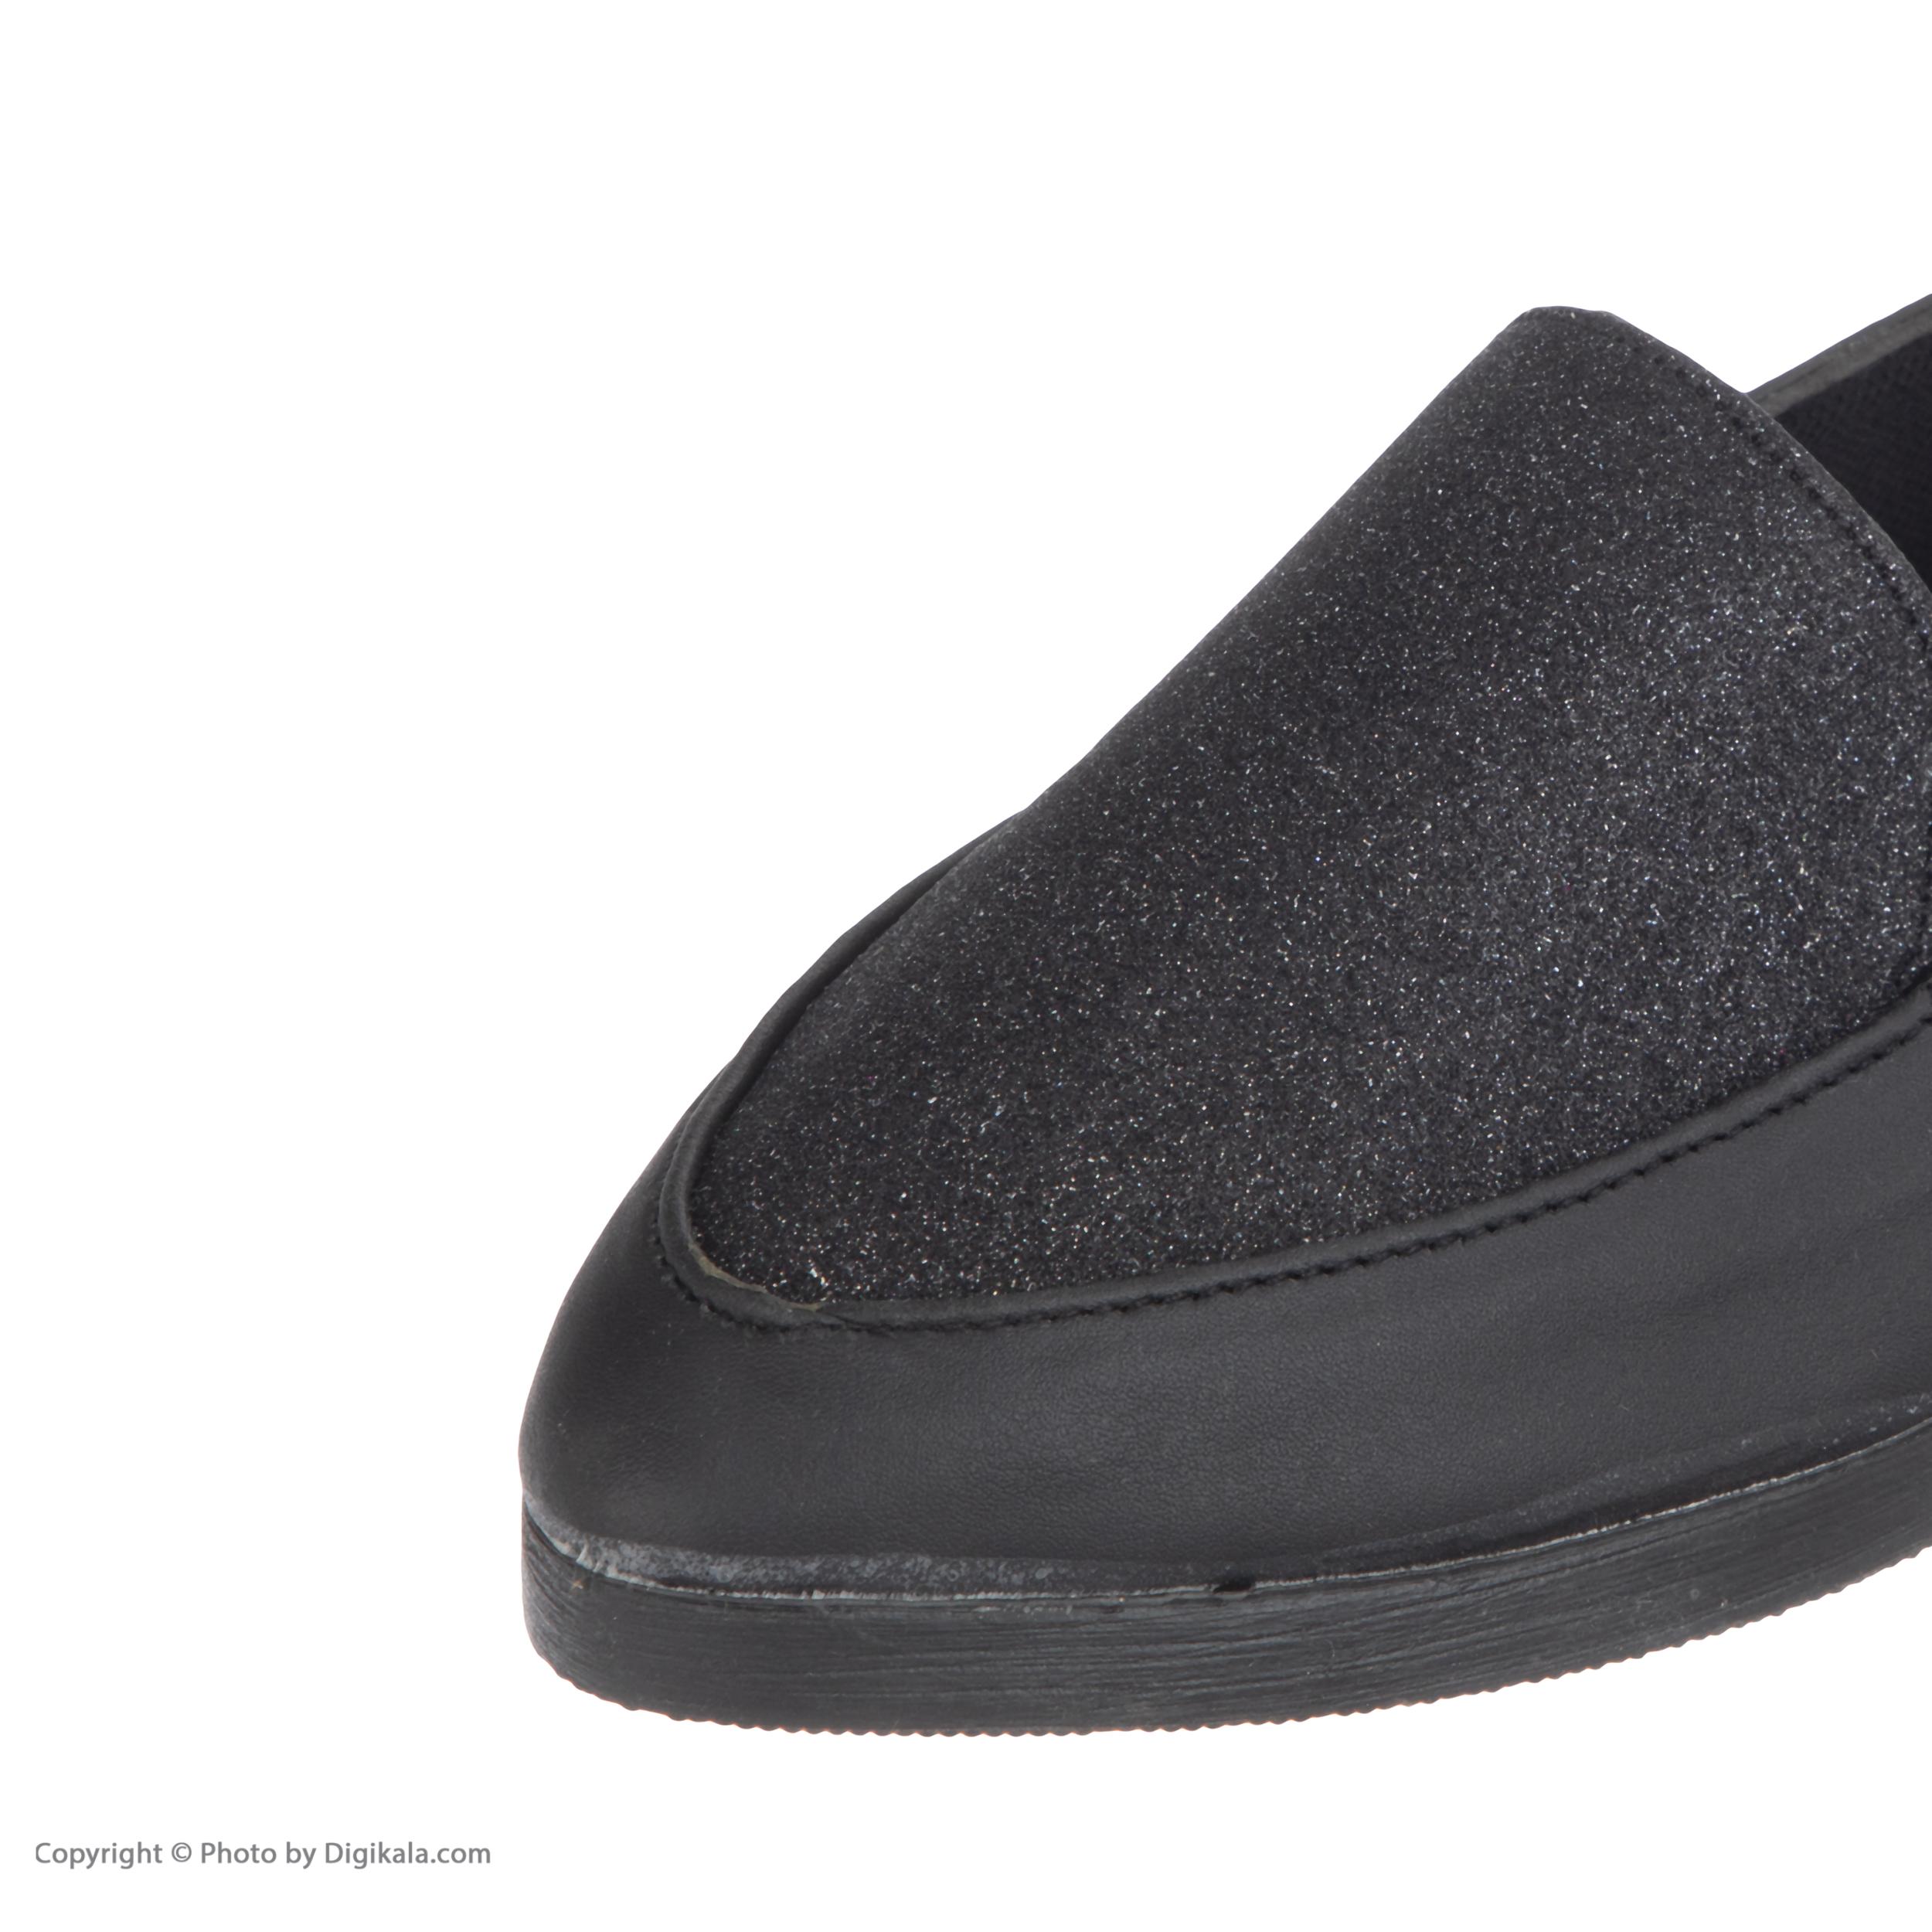 کفش زنانه لبتو مدل 501099 thumb 2 5